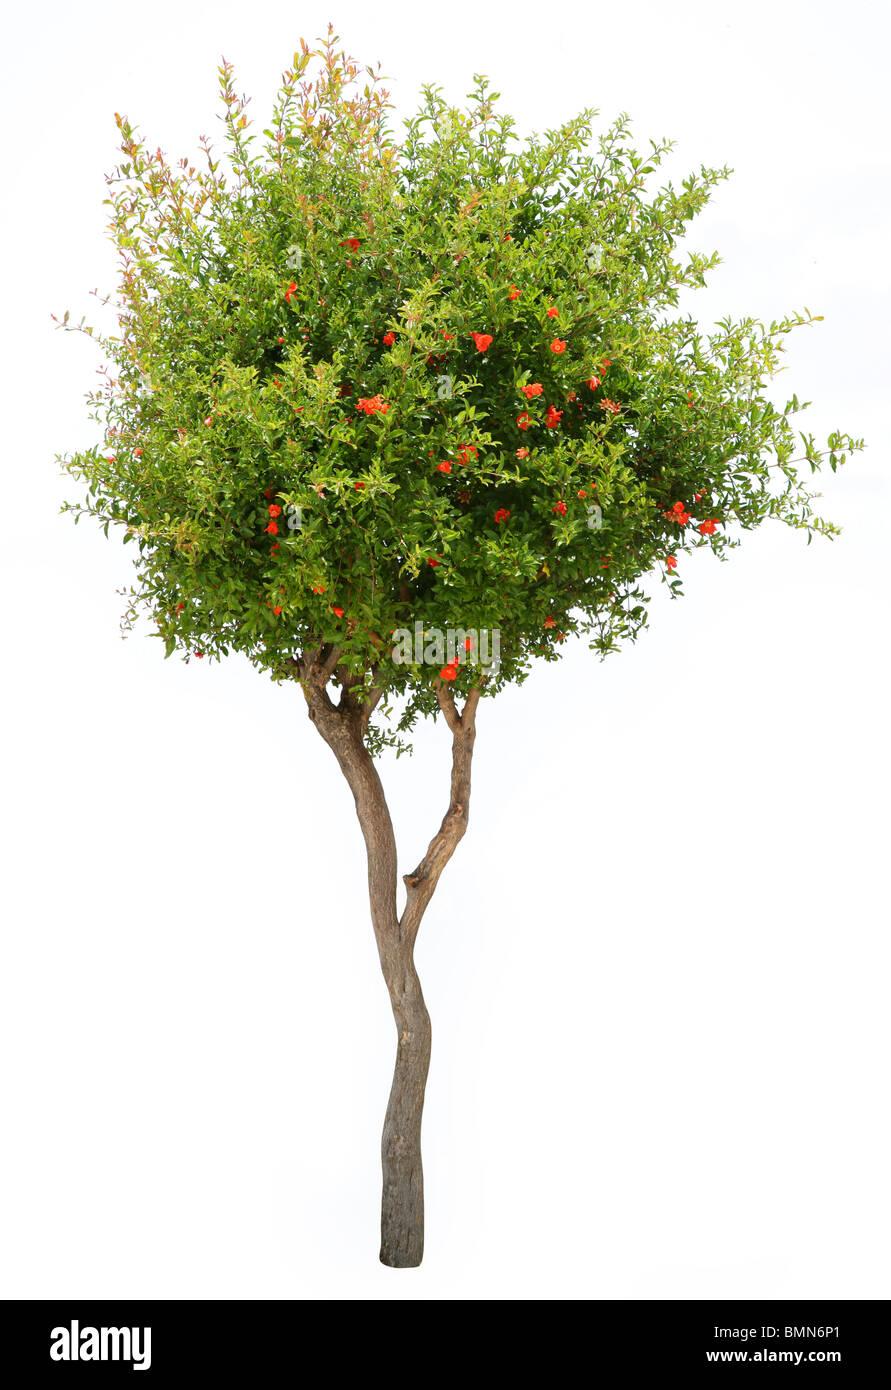 Pomegranate tree isolated on white background - Stock Image